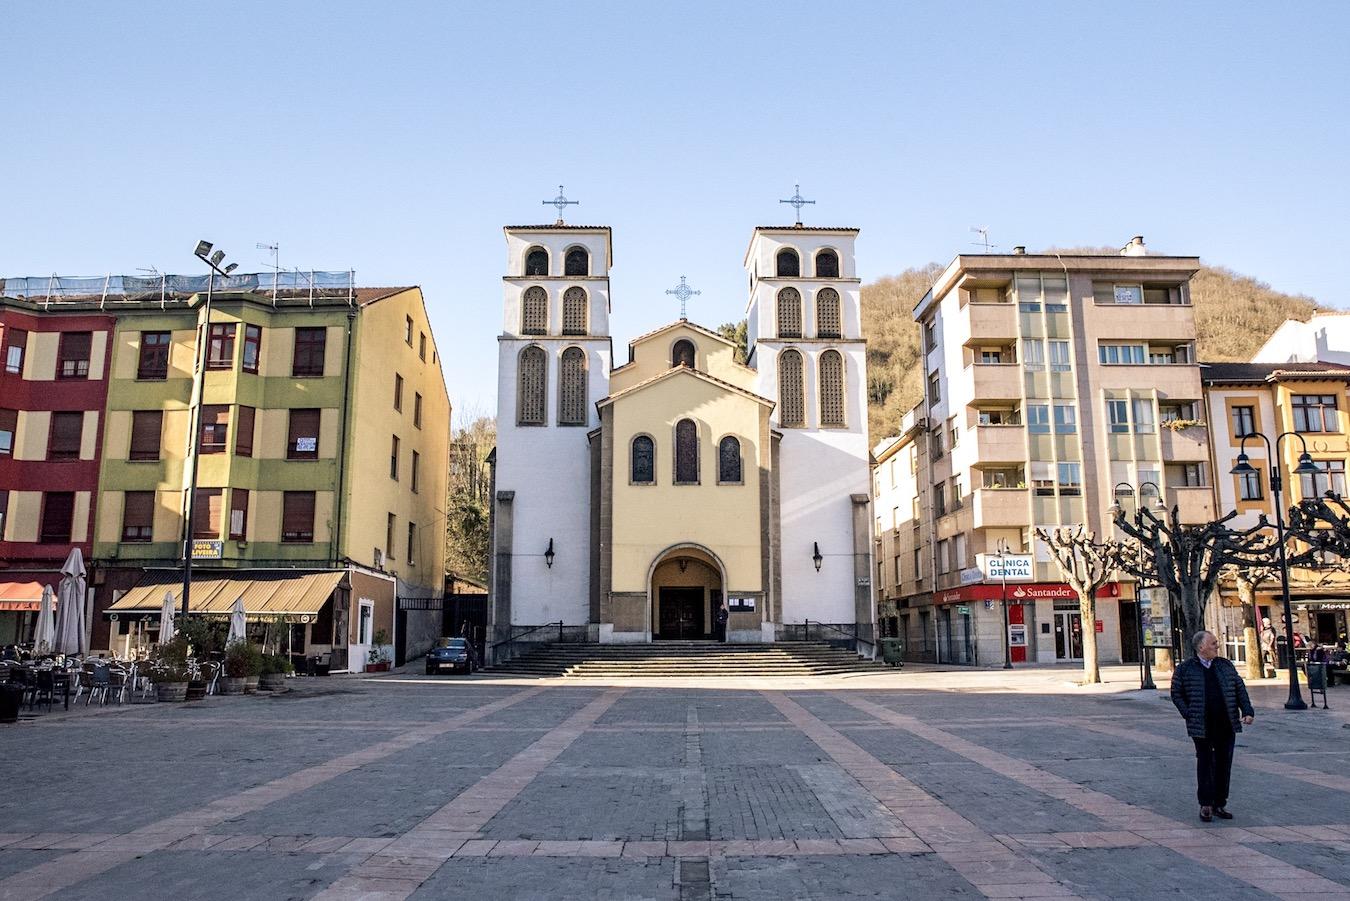 Church in Pola de Lena, Asturias, Northern Spain.